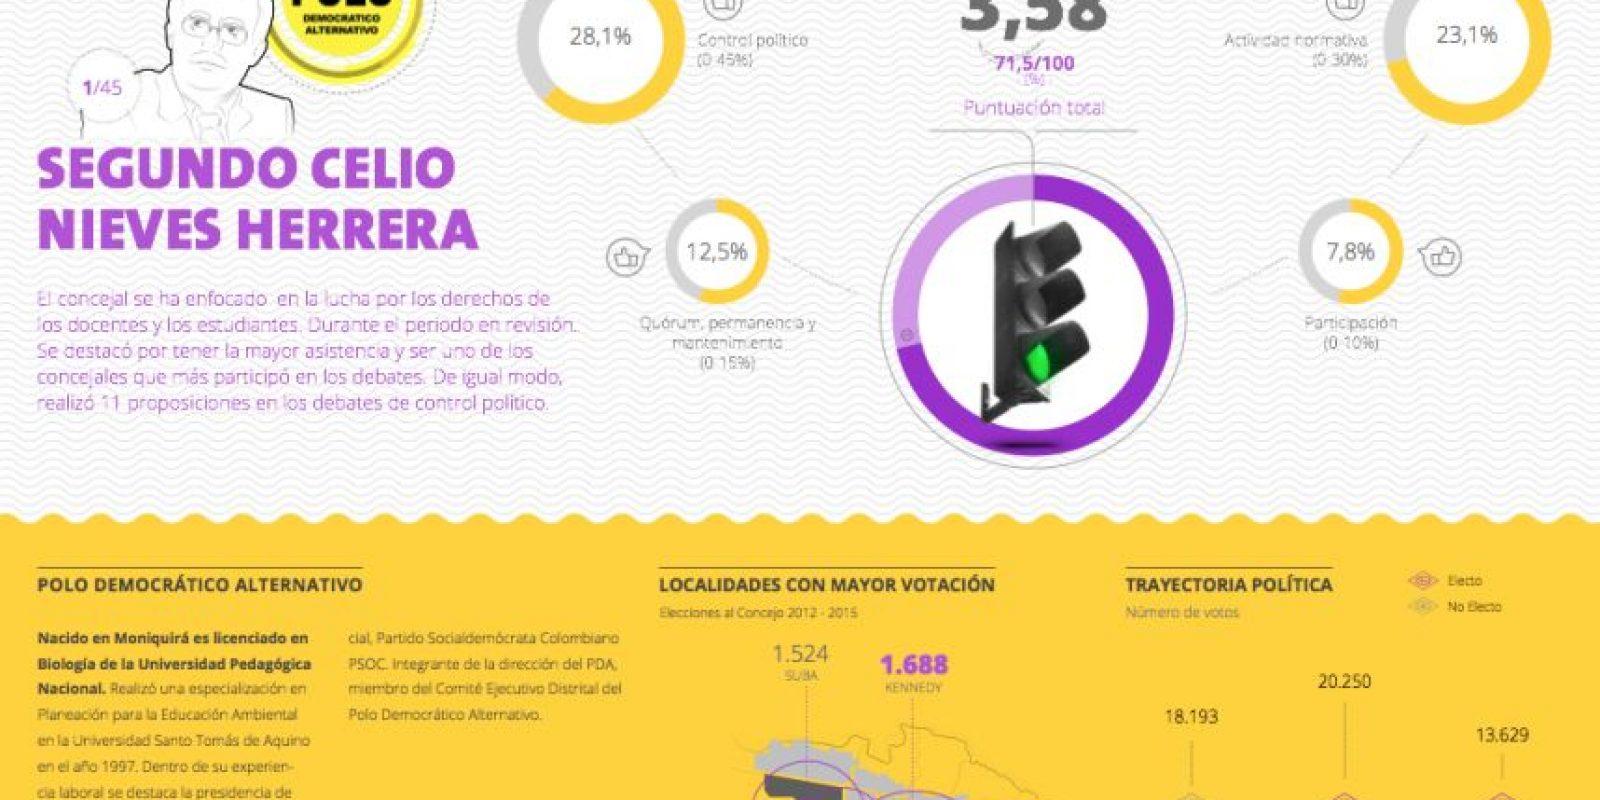 Perfil político y desempeño del concejal Segundo Celio Nieves, del Polo Democrático Alternativo. Foto:Cortesía 'Concejo Cómo Vamos'